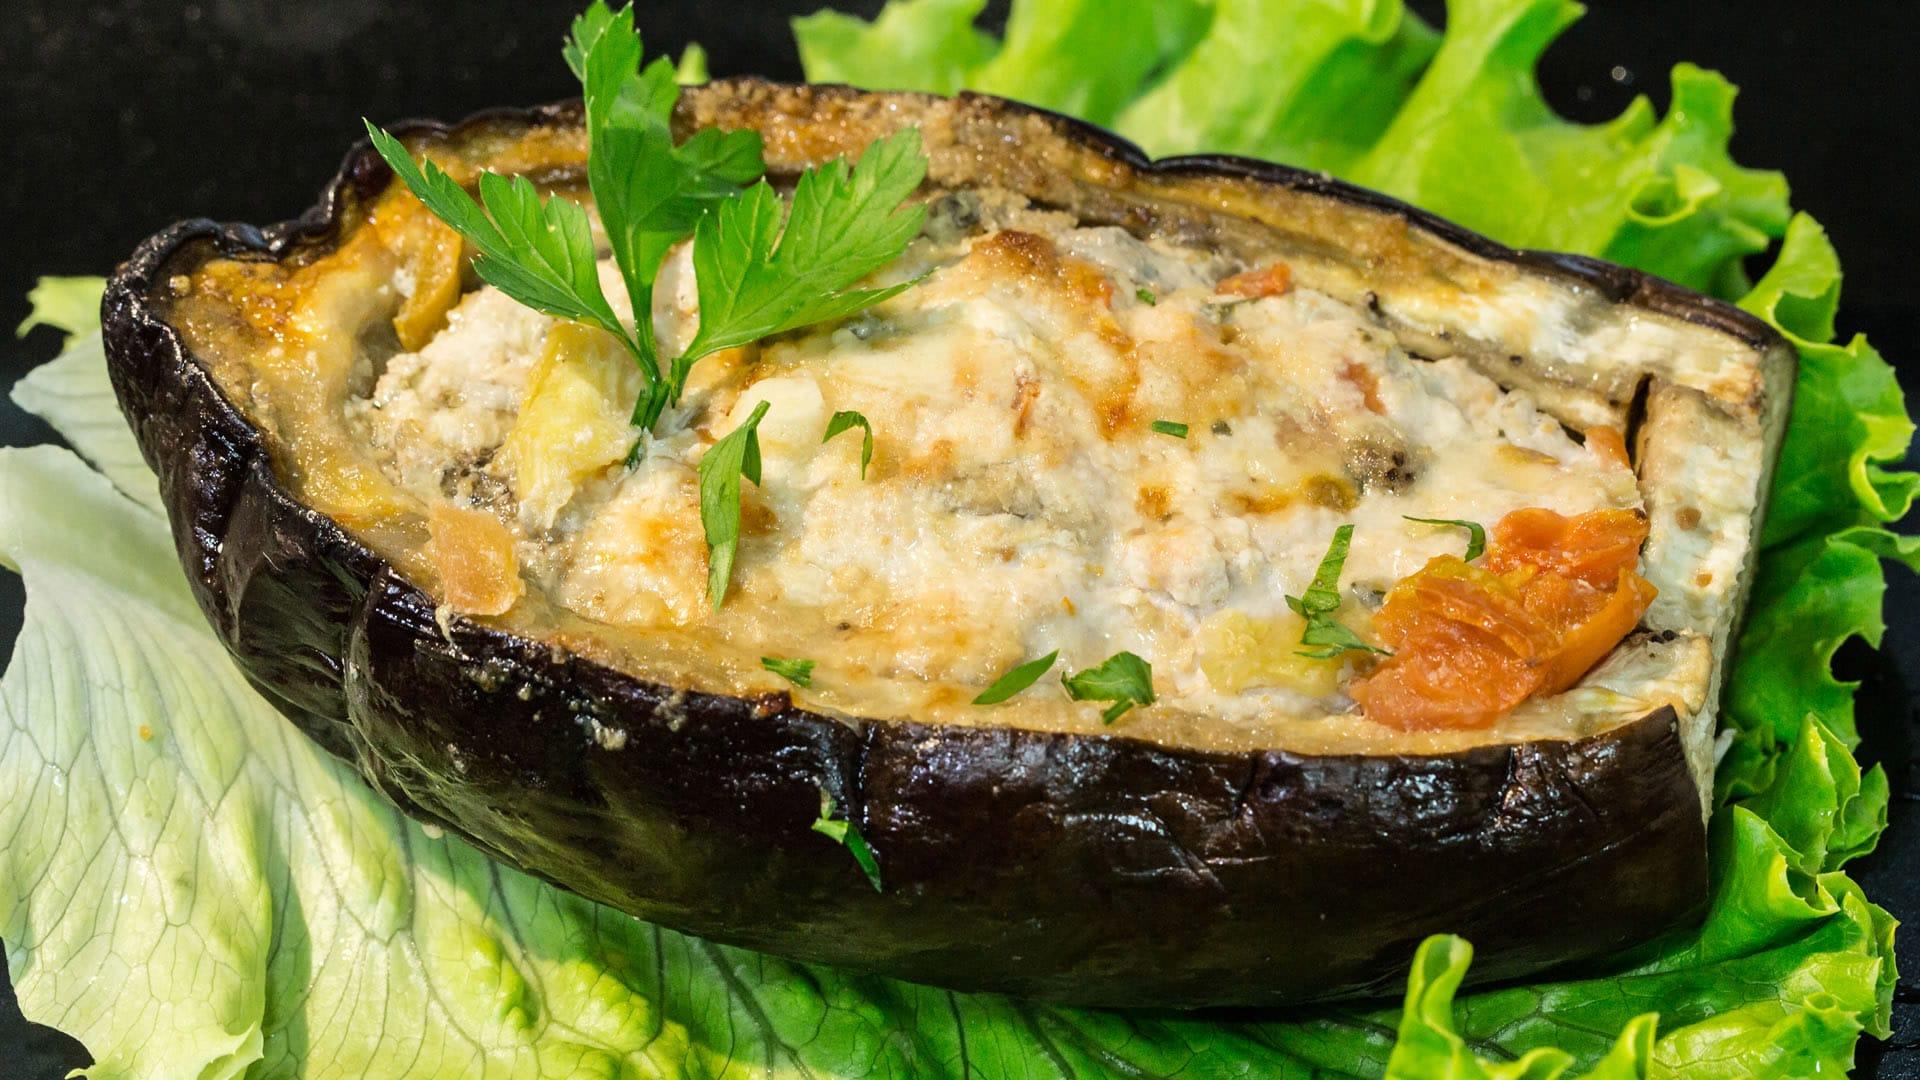 verdure ripiene di carne